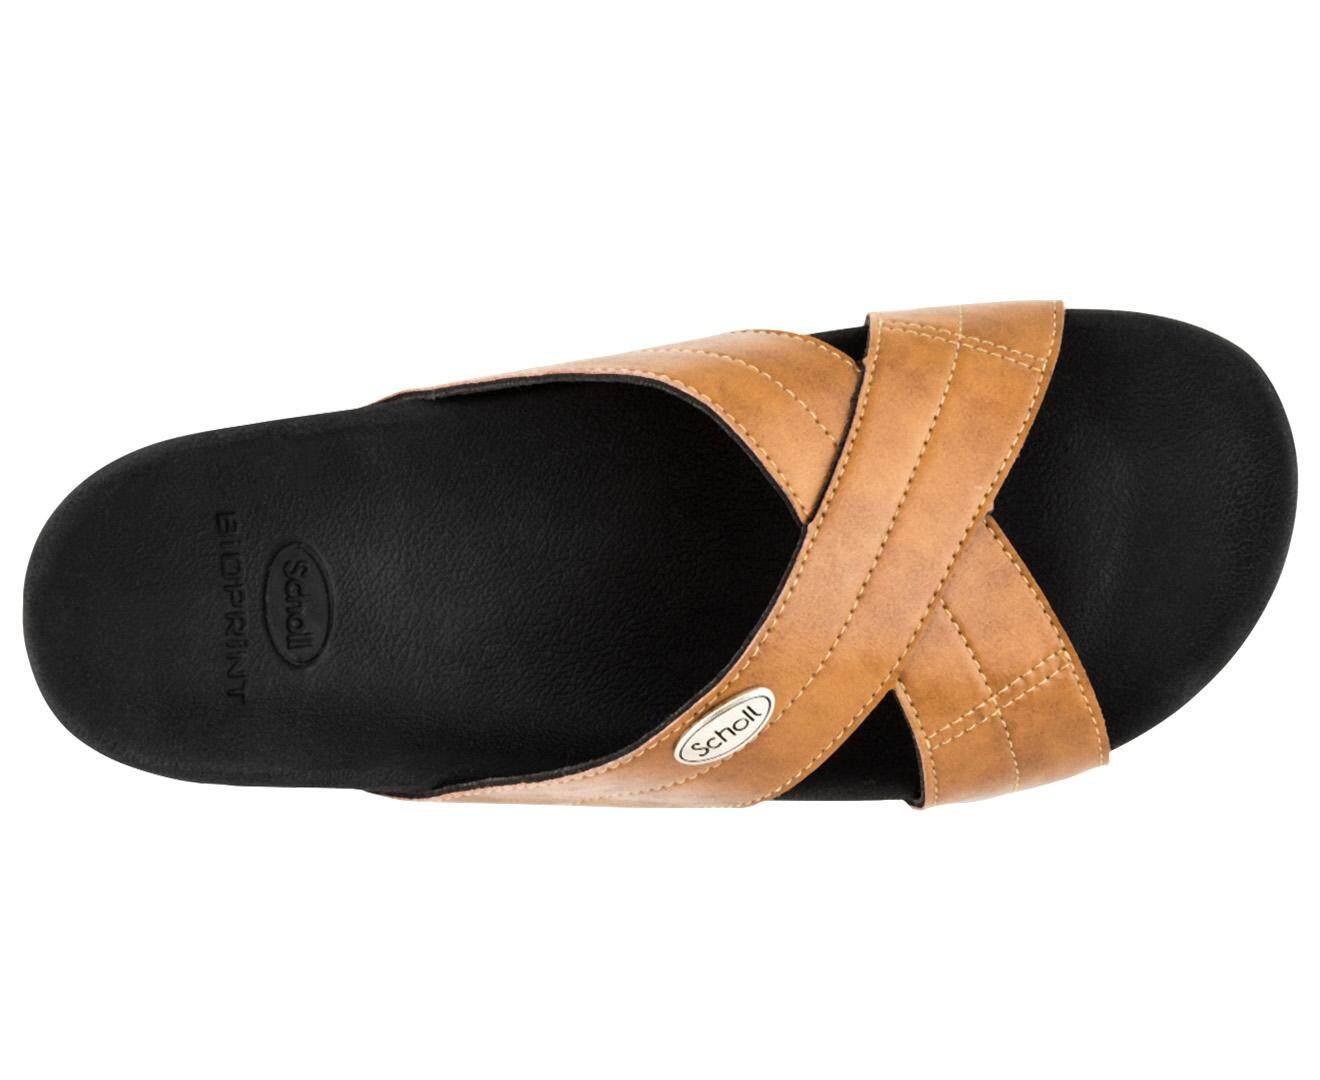 Sandal Sendal Sepatu Tali Santai Carvil Review Daftar Harga Sponge Men Karimata M Black Olive Hijau Tua 40 Scholl Mens Laguna Tan 4